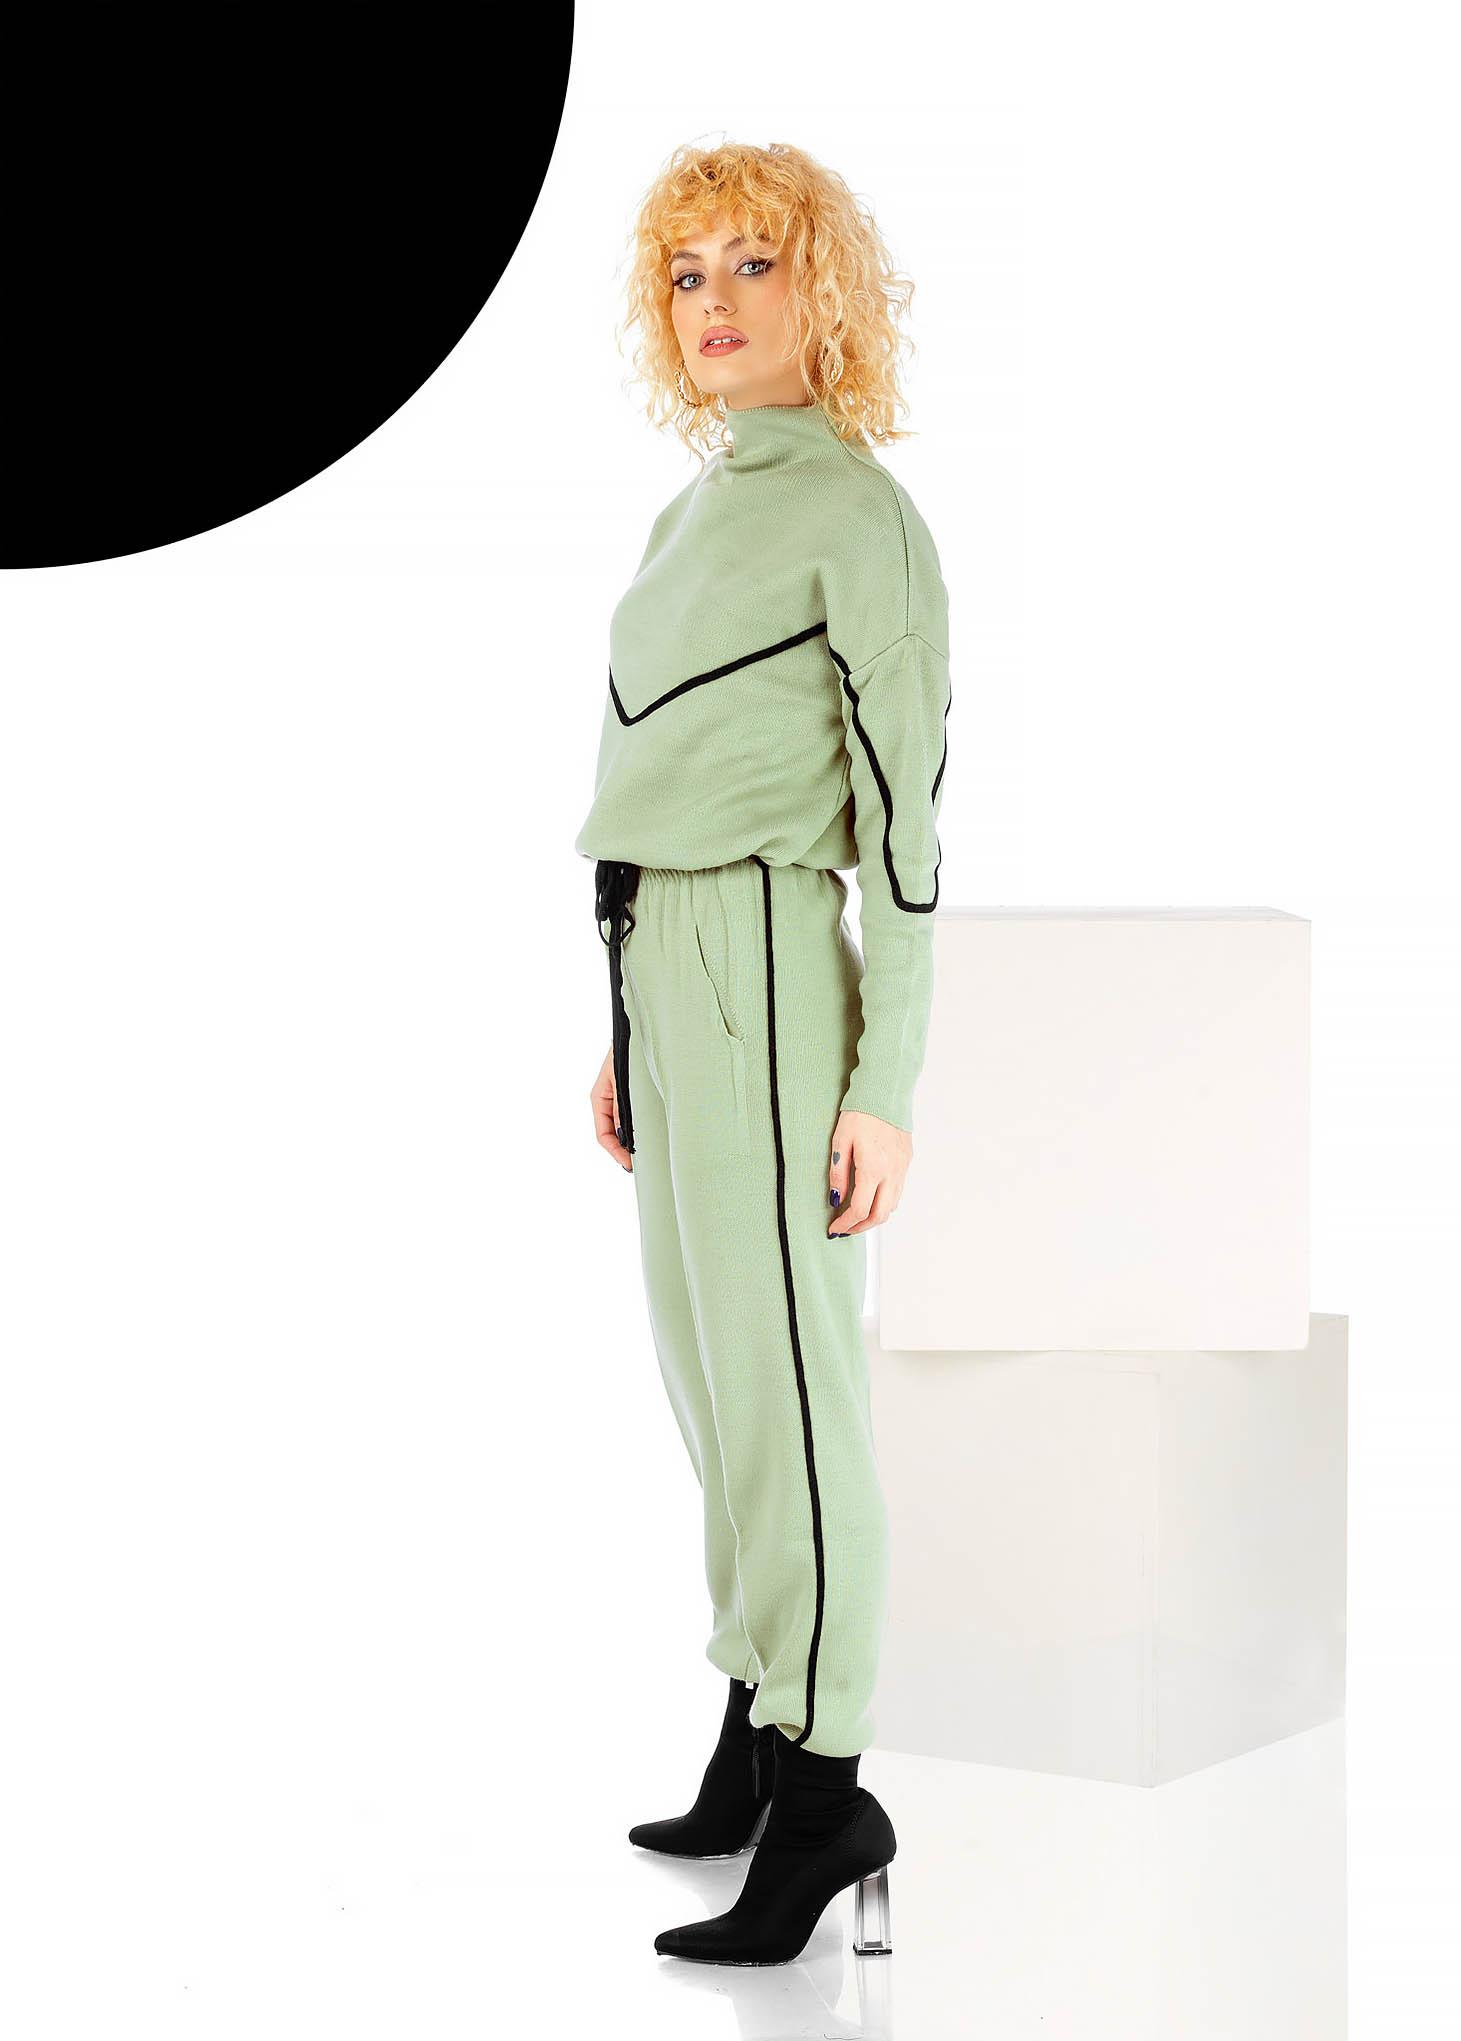 Trening dama verde-deschis casual din doua piese cu pantaloni si croi larg